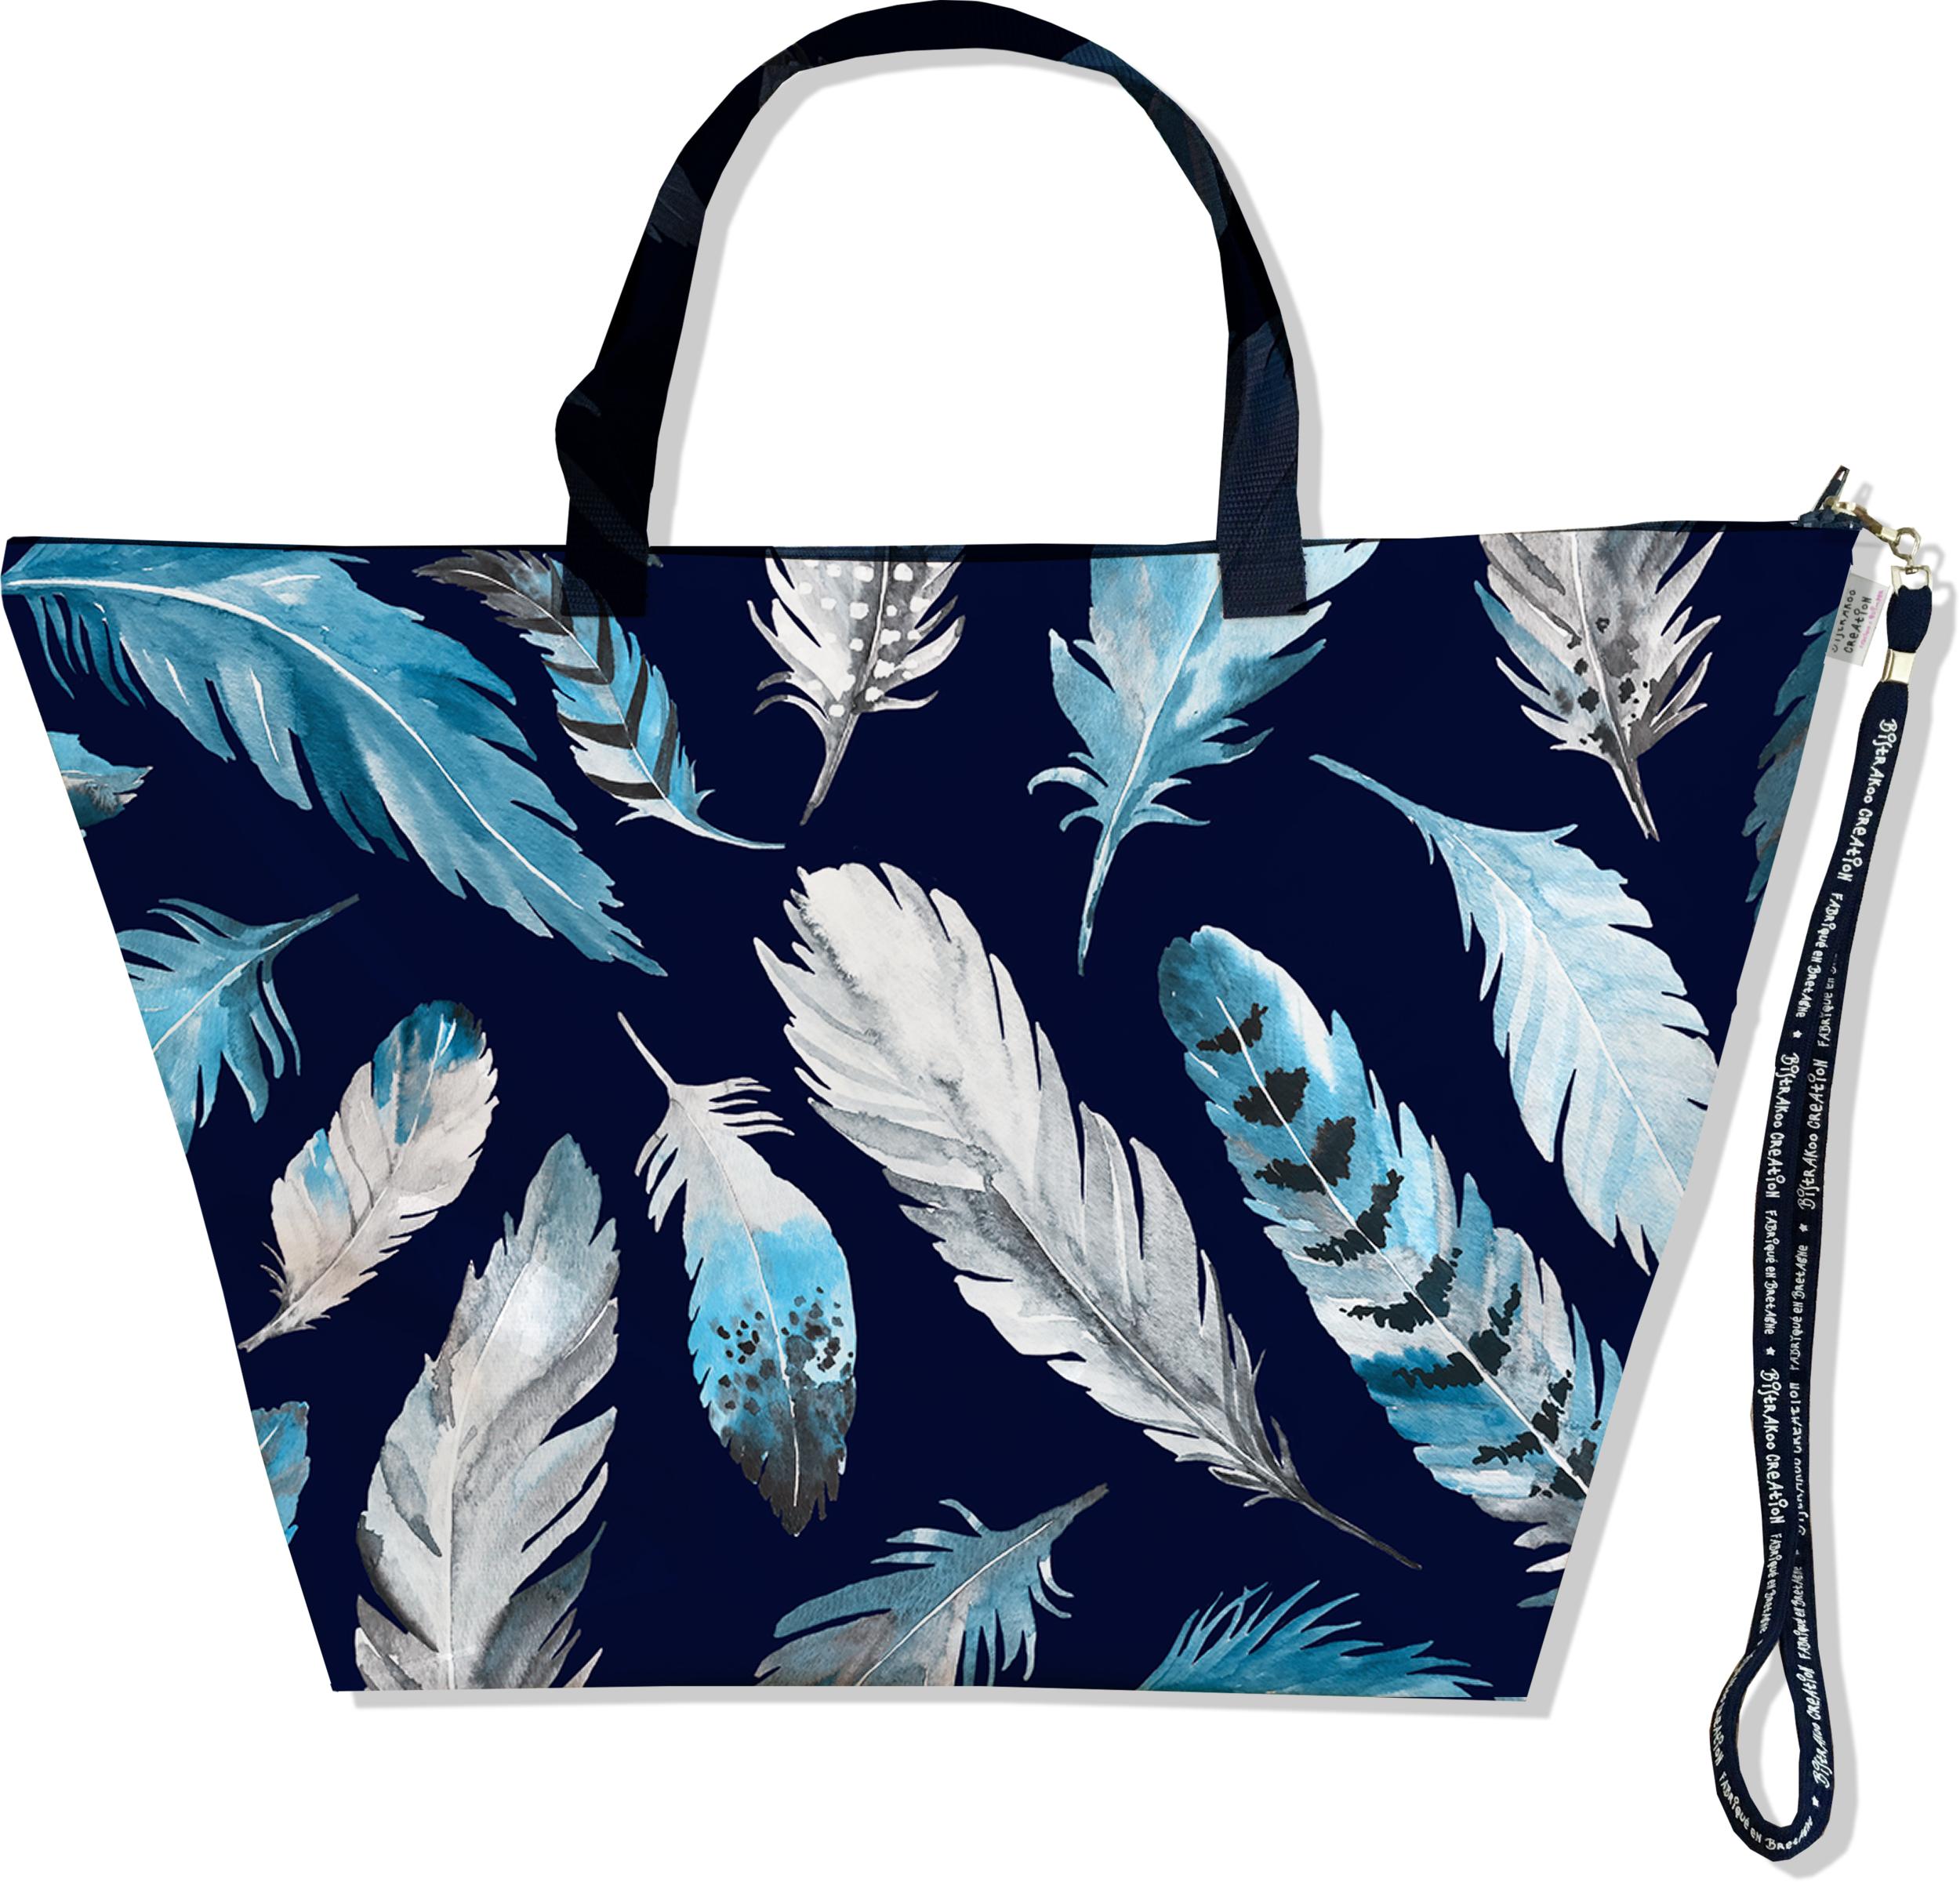 Grand Sac de voyage, sac week end pour femme motif Plumes grises et bleues SW6030